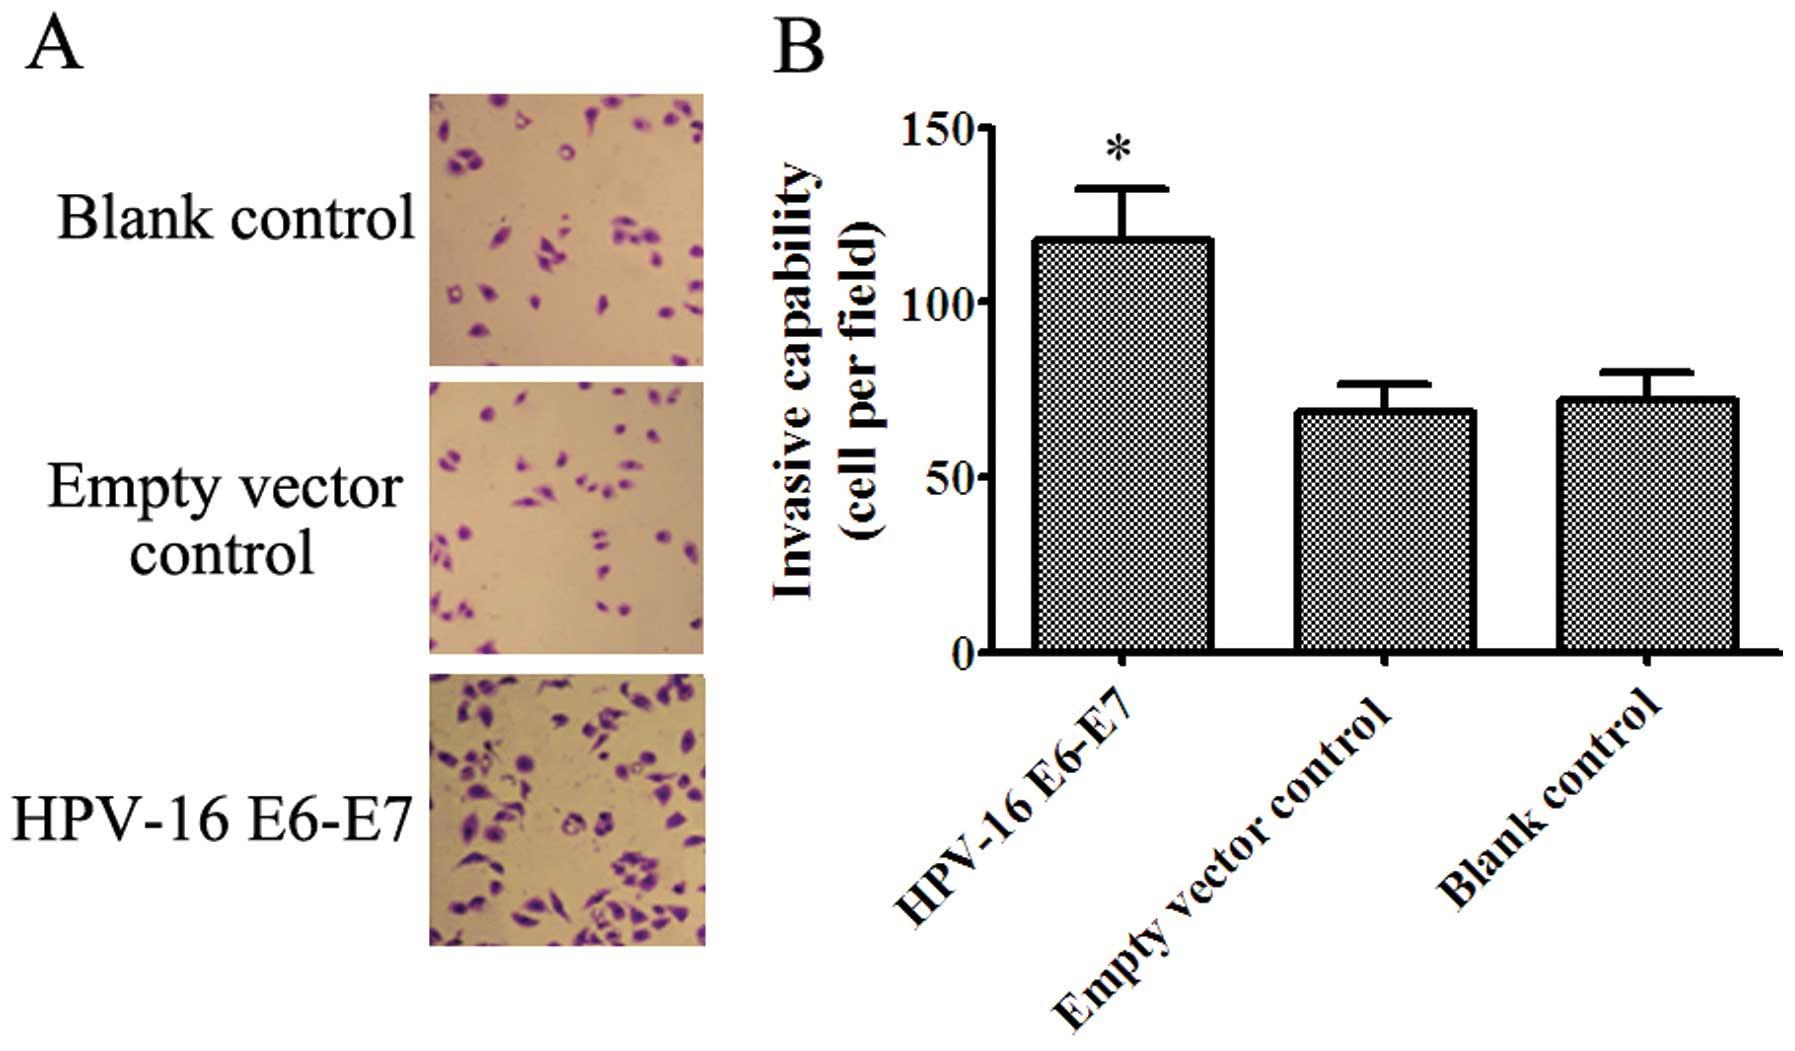 Human Papilloma Virus (HPV) - Invitro Diagnostics, Papillomavirus virus